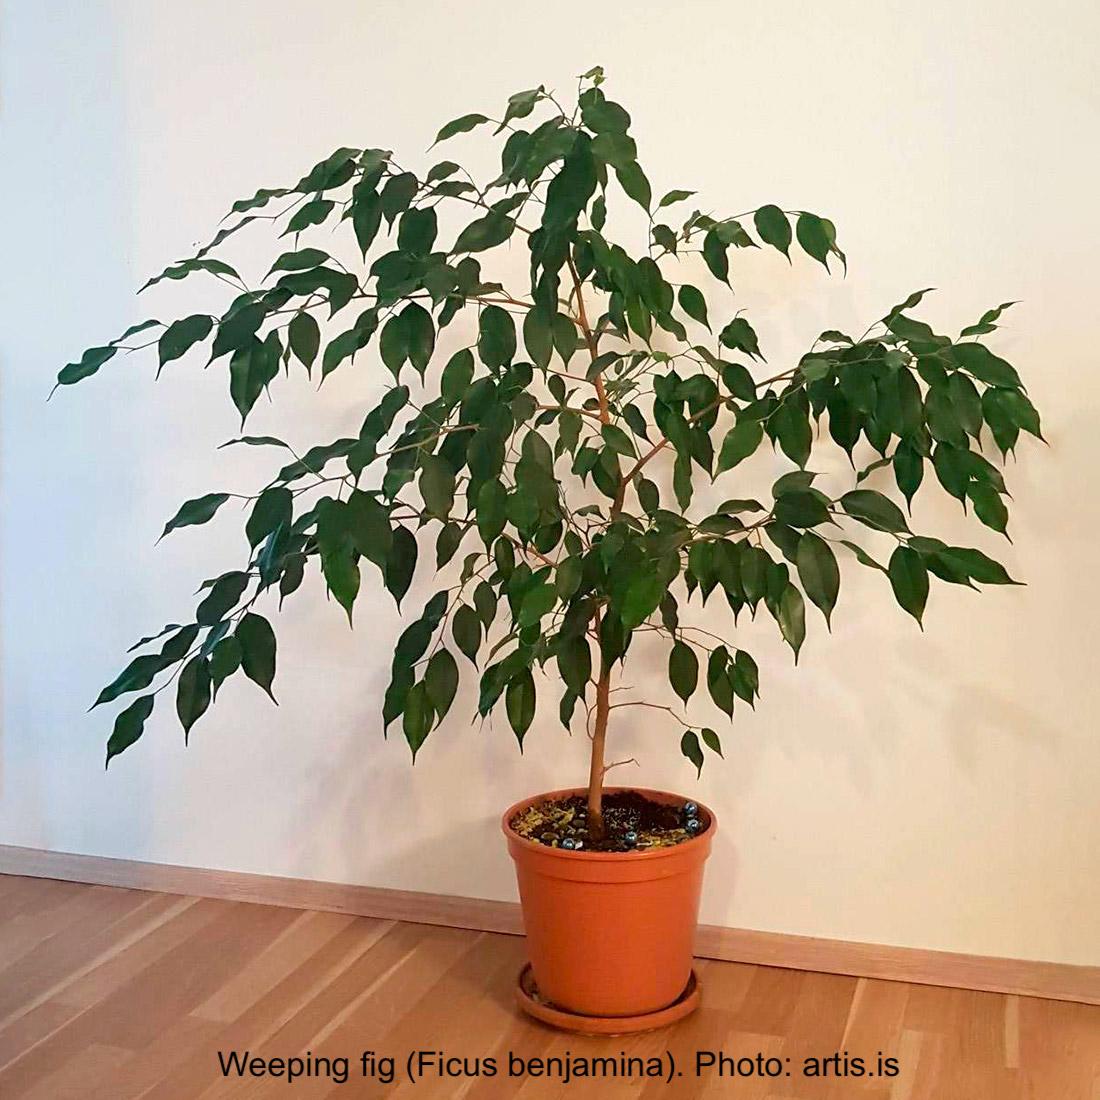 Ficus benjamina in a pot